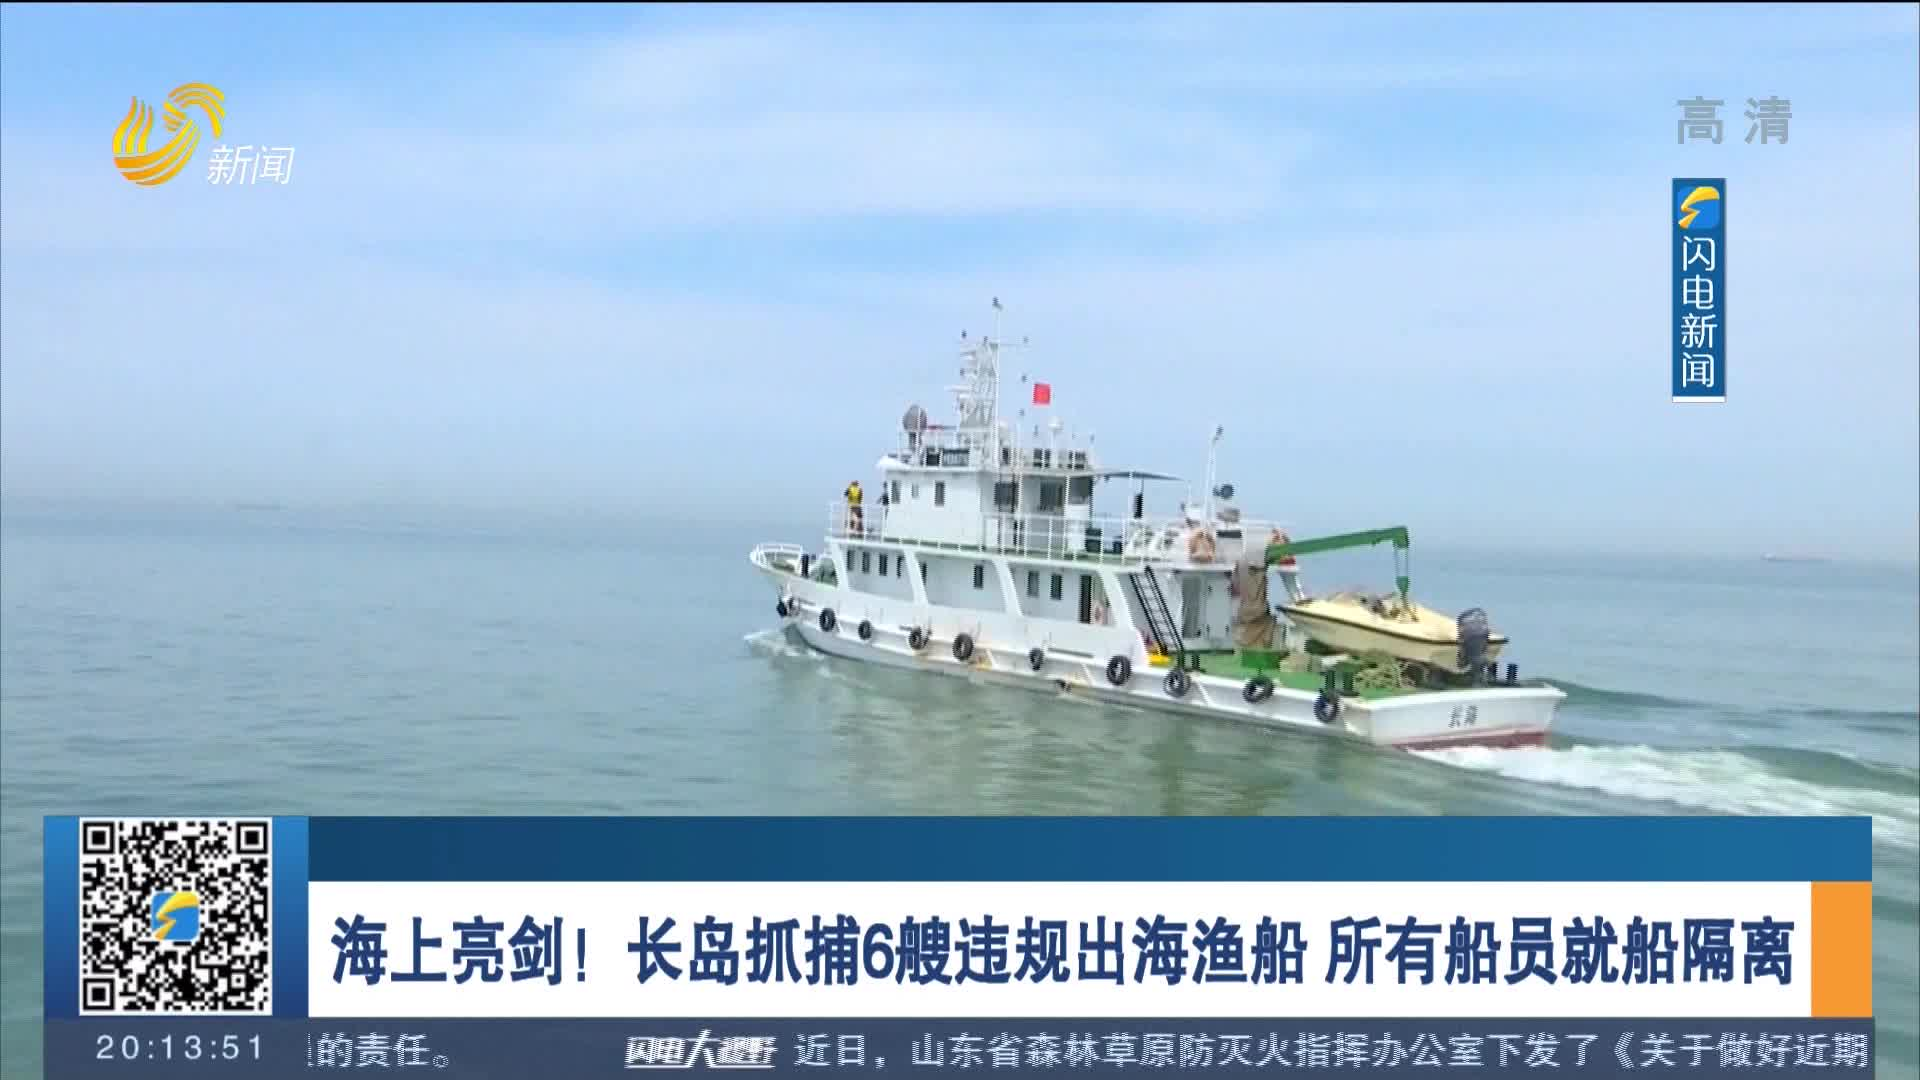 海上亮剑!长岛抓捕6艘违规出海渔船 所有船员就船隔离